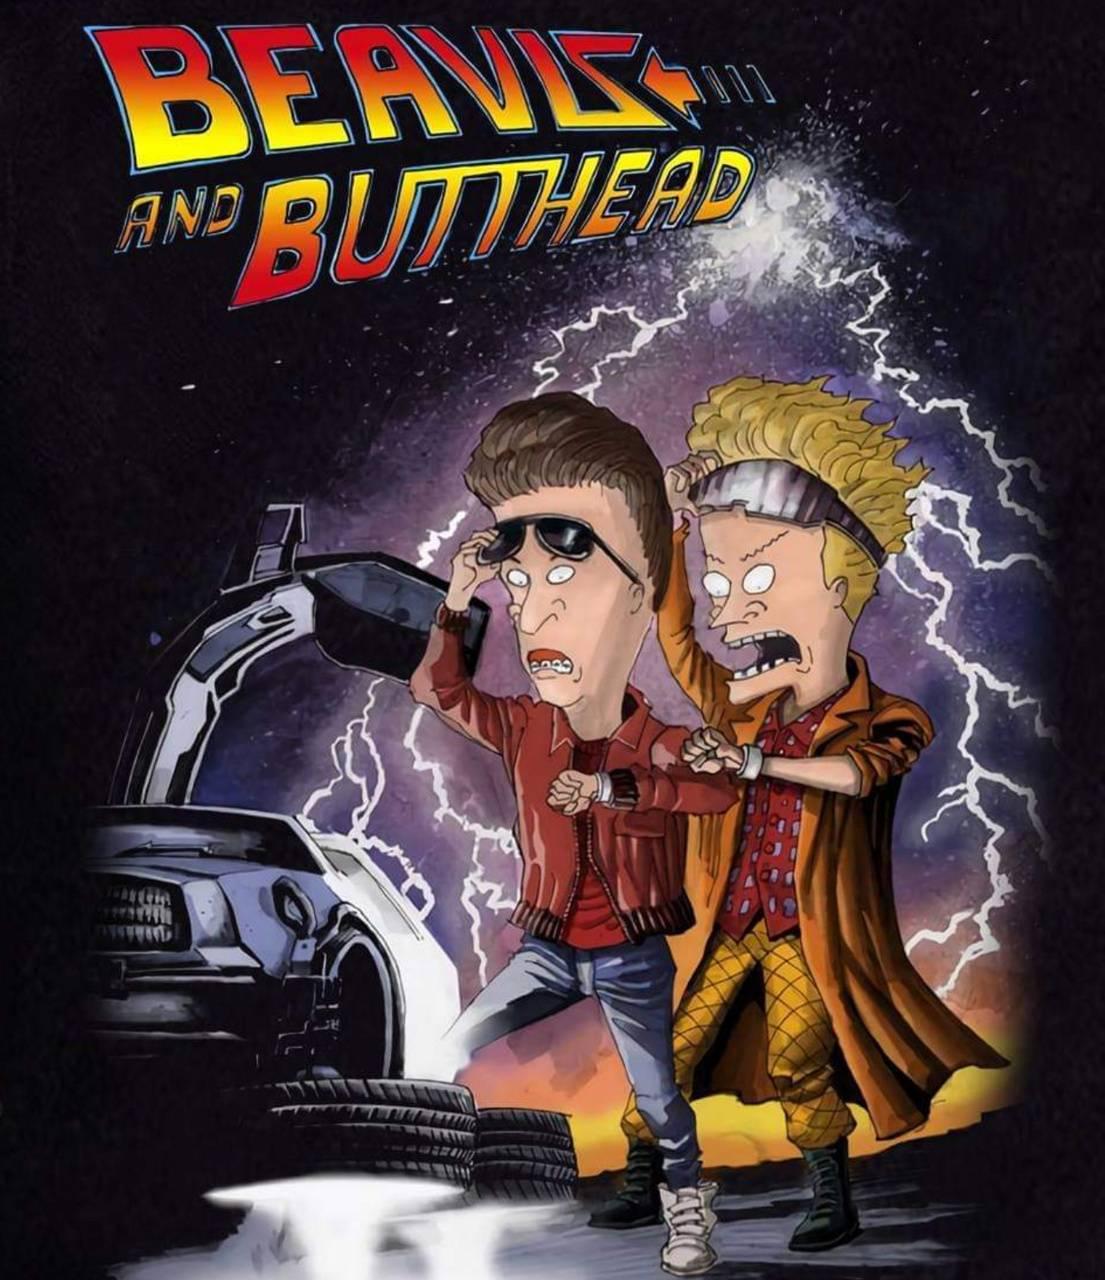 Beavis And Butt Head Wallpapers